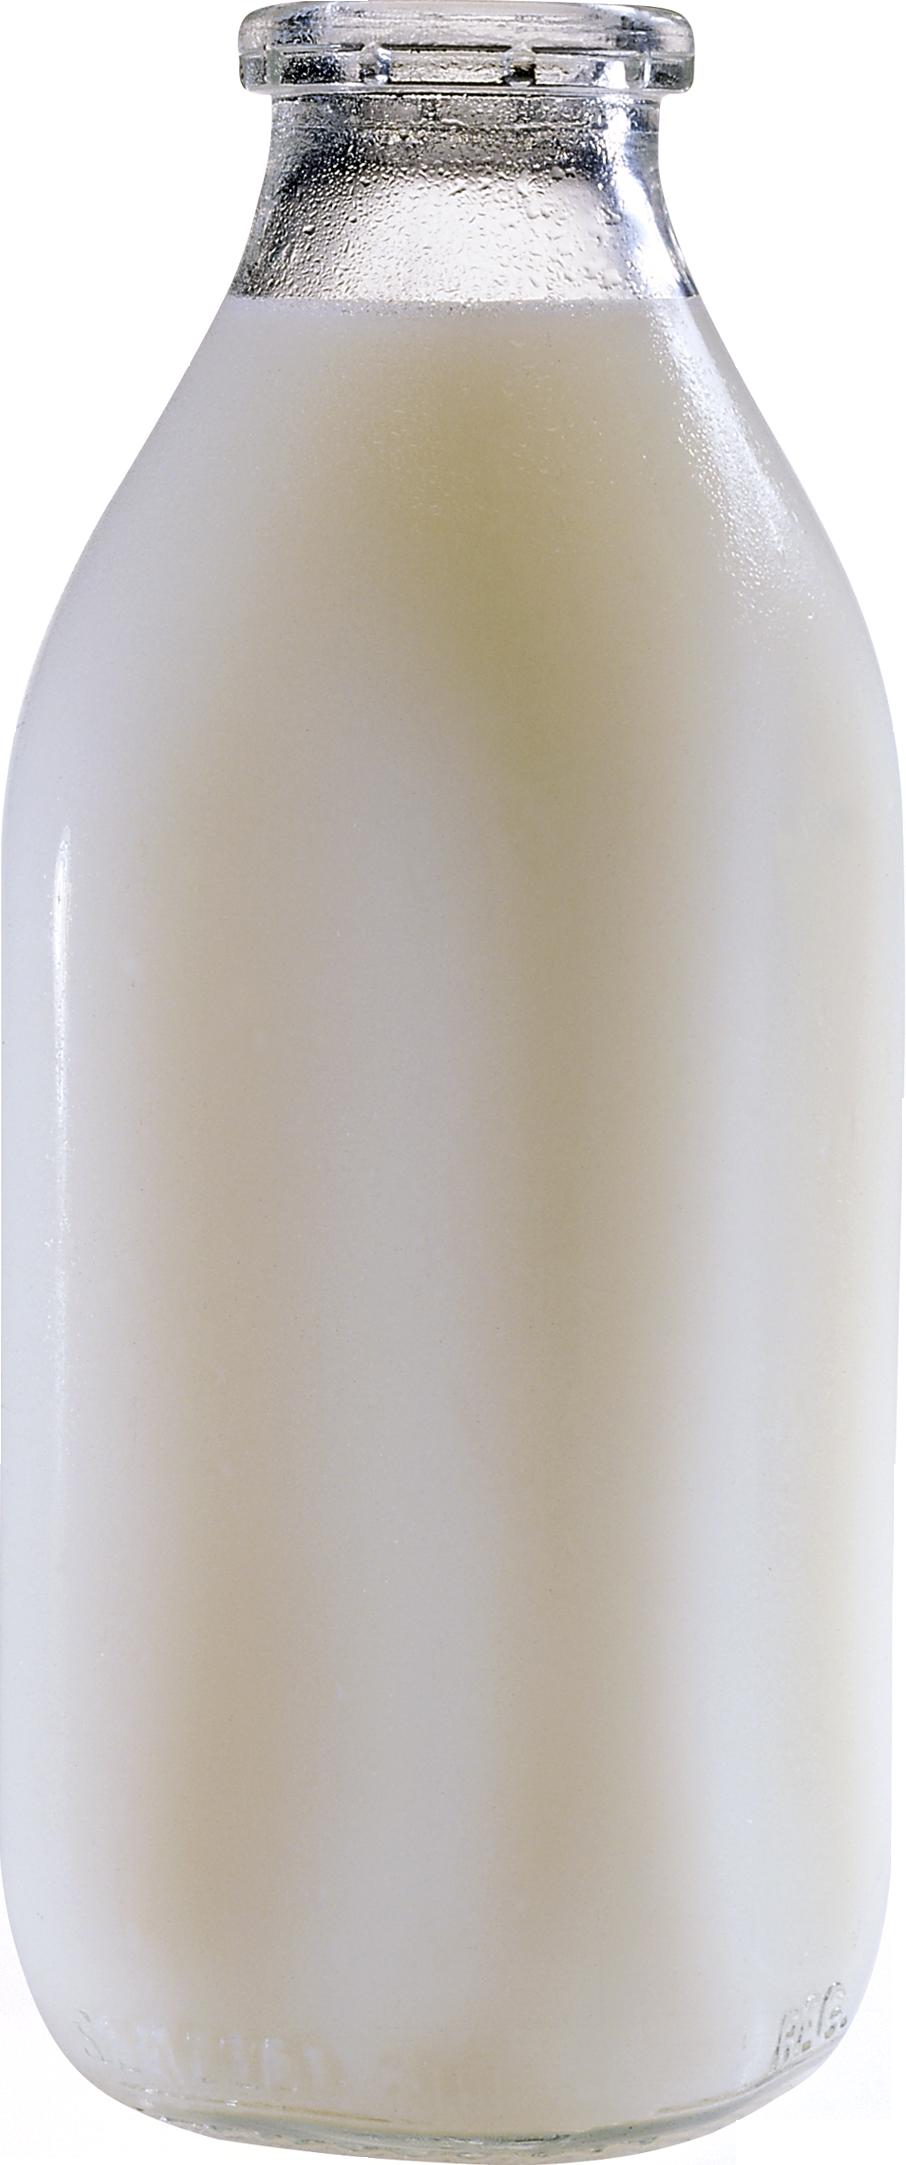 Milk Jug PNG HD Transparent Milk Jug HD.PNG Images.   PlusPNG